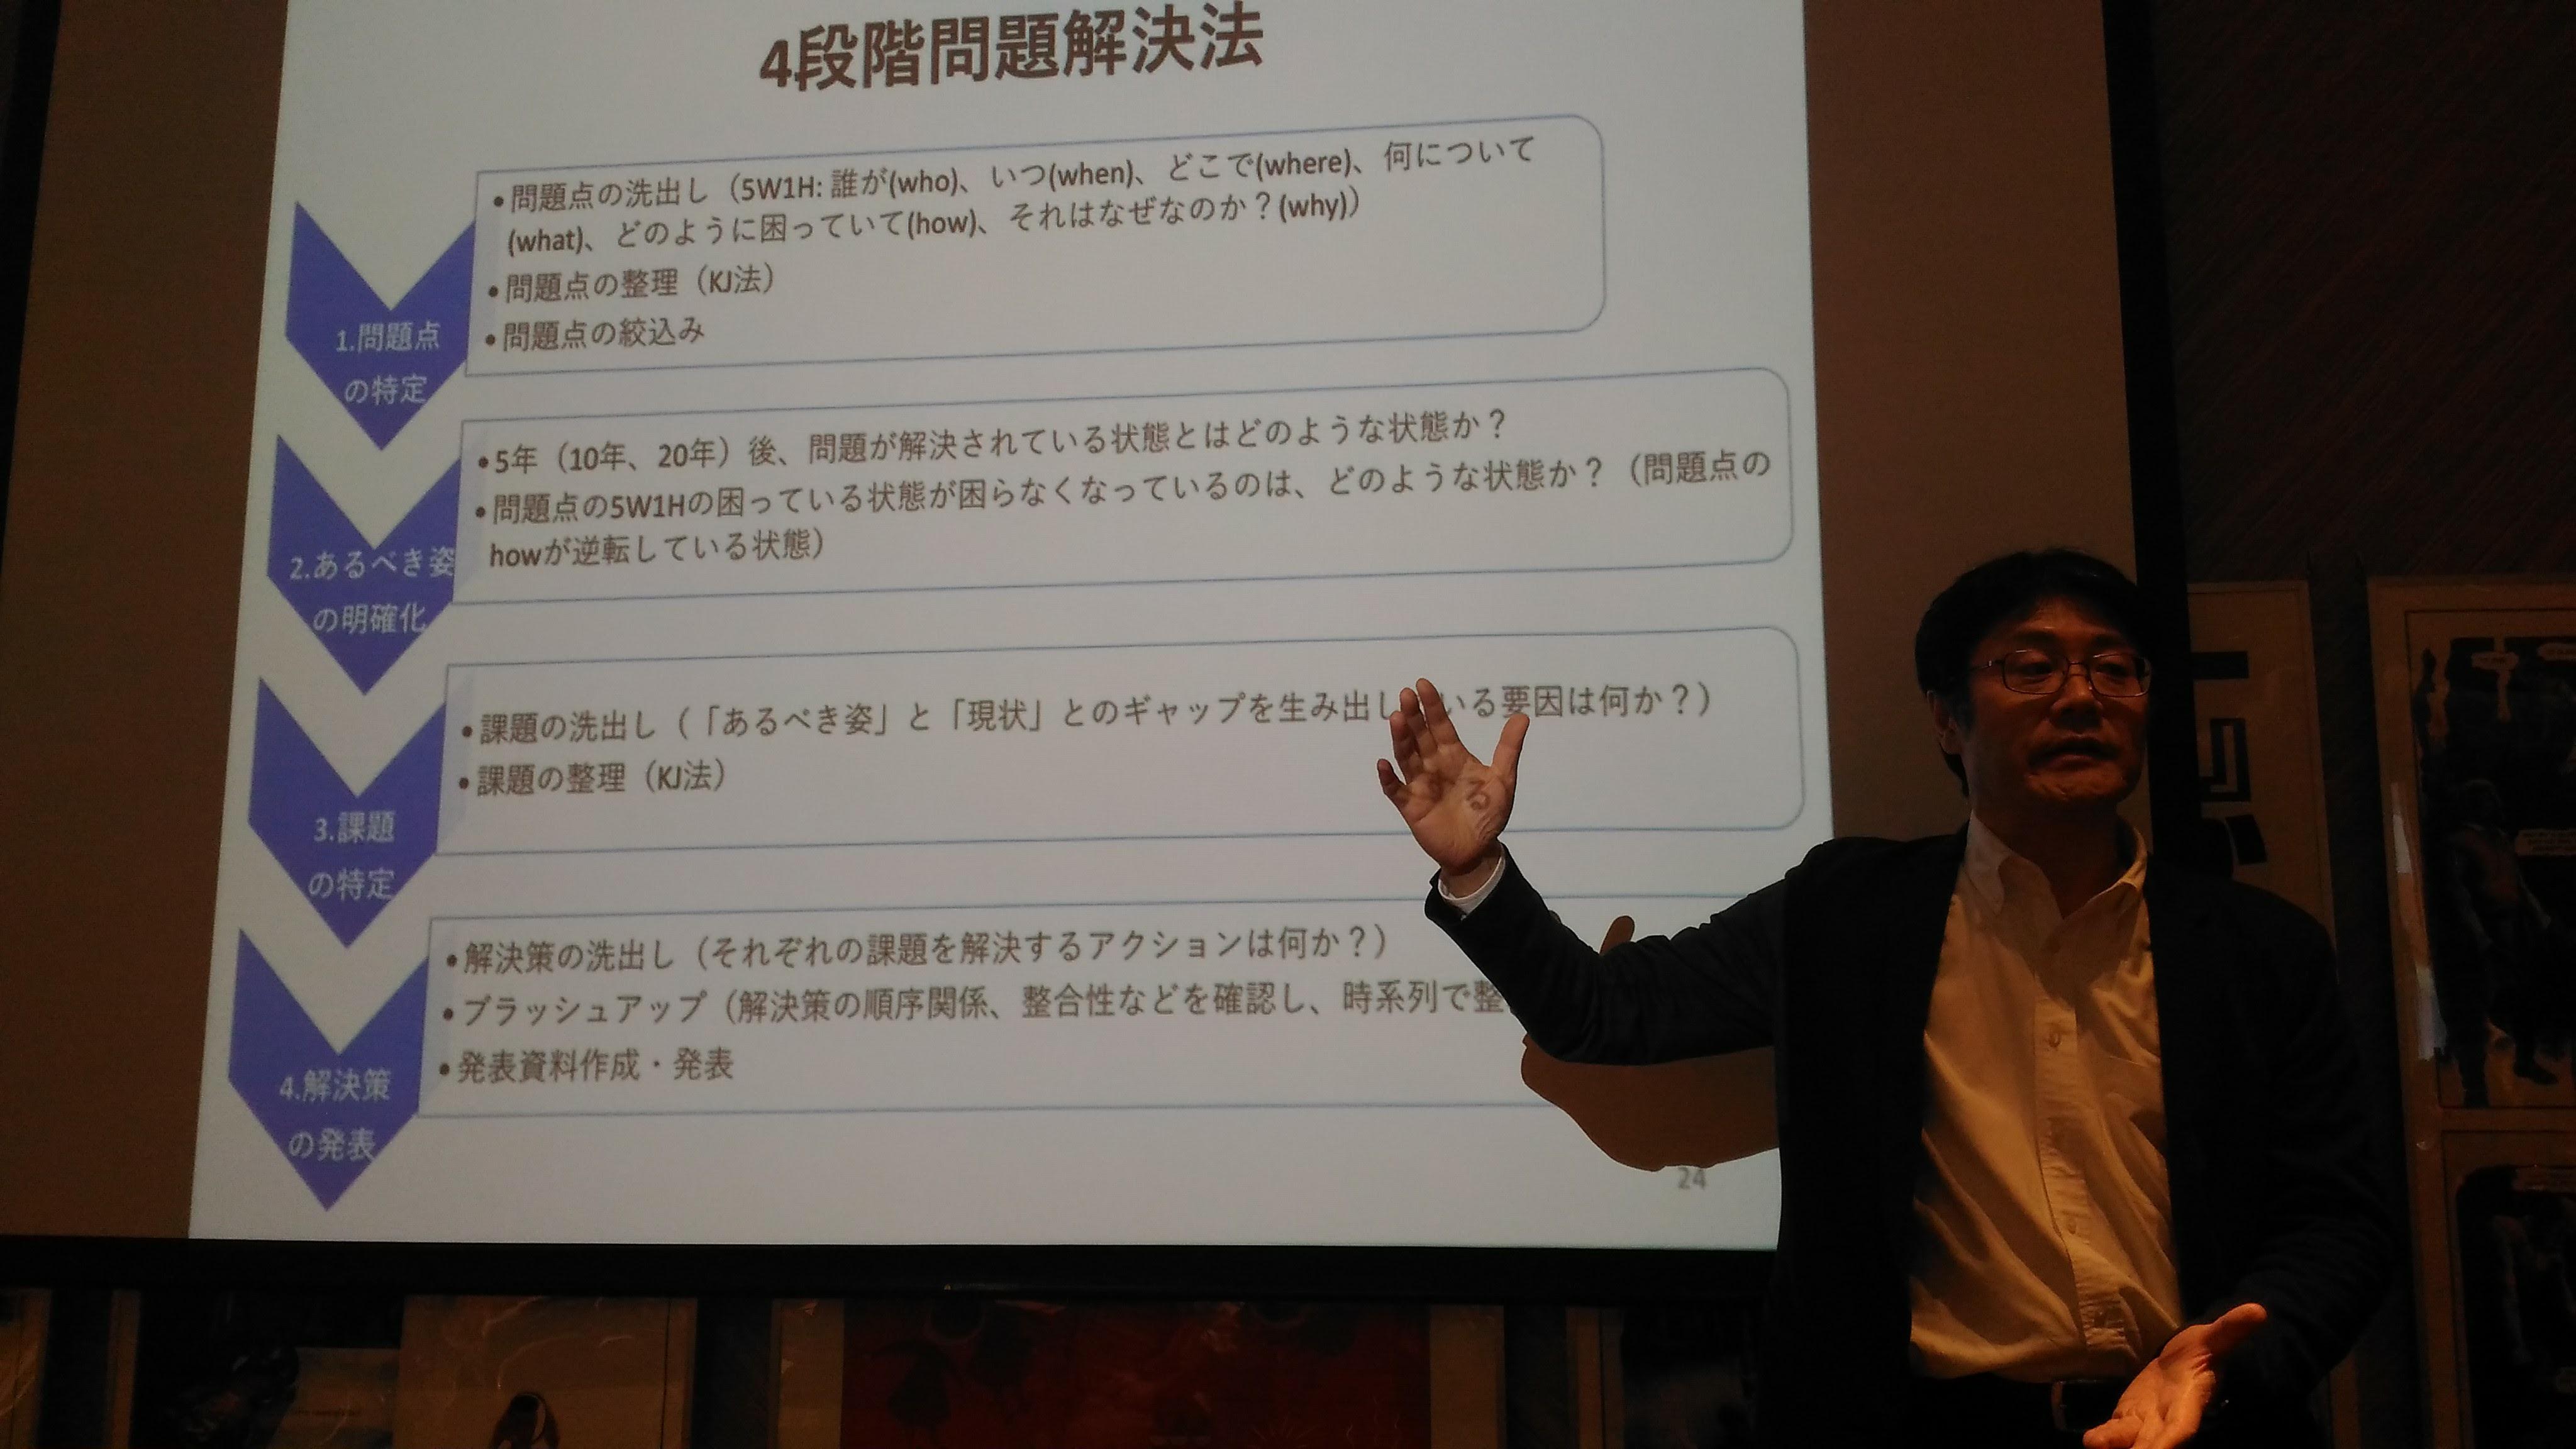 バックキャスティングを説明する川島先生